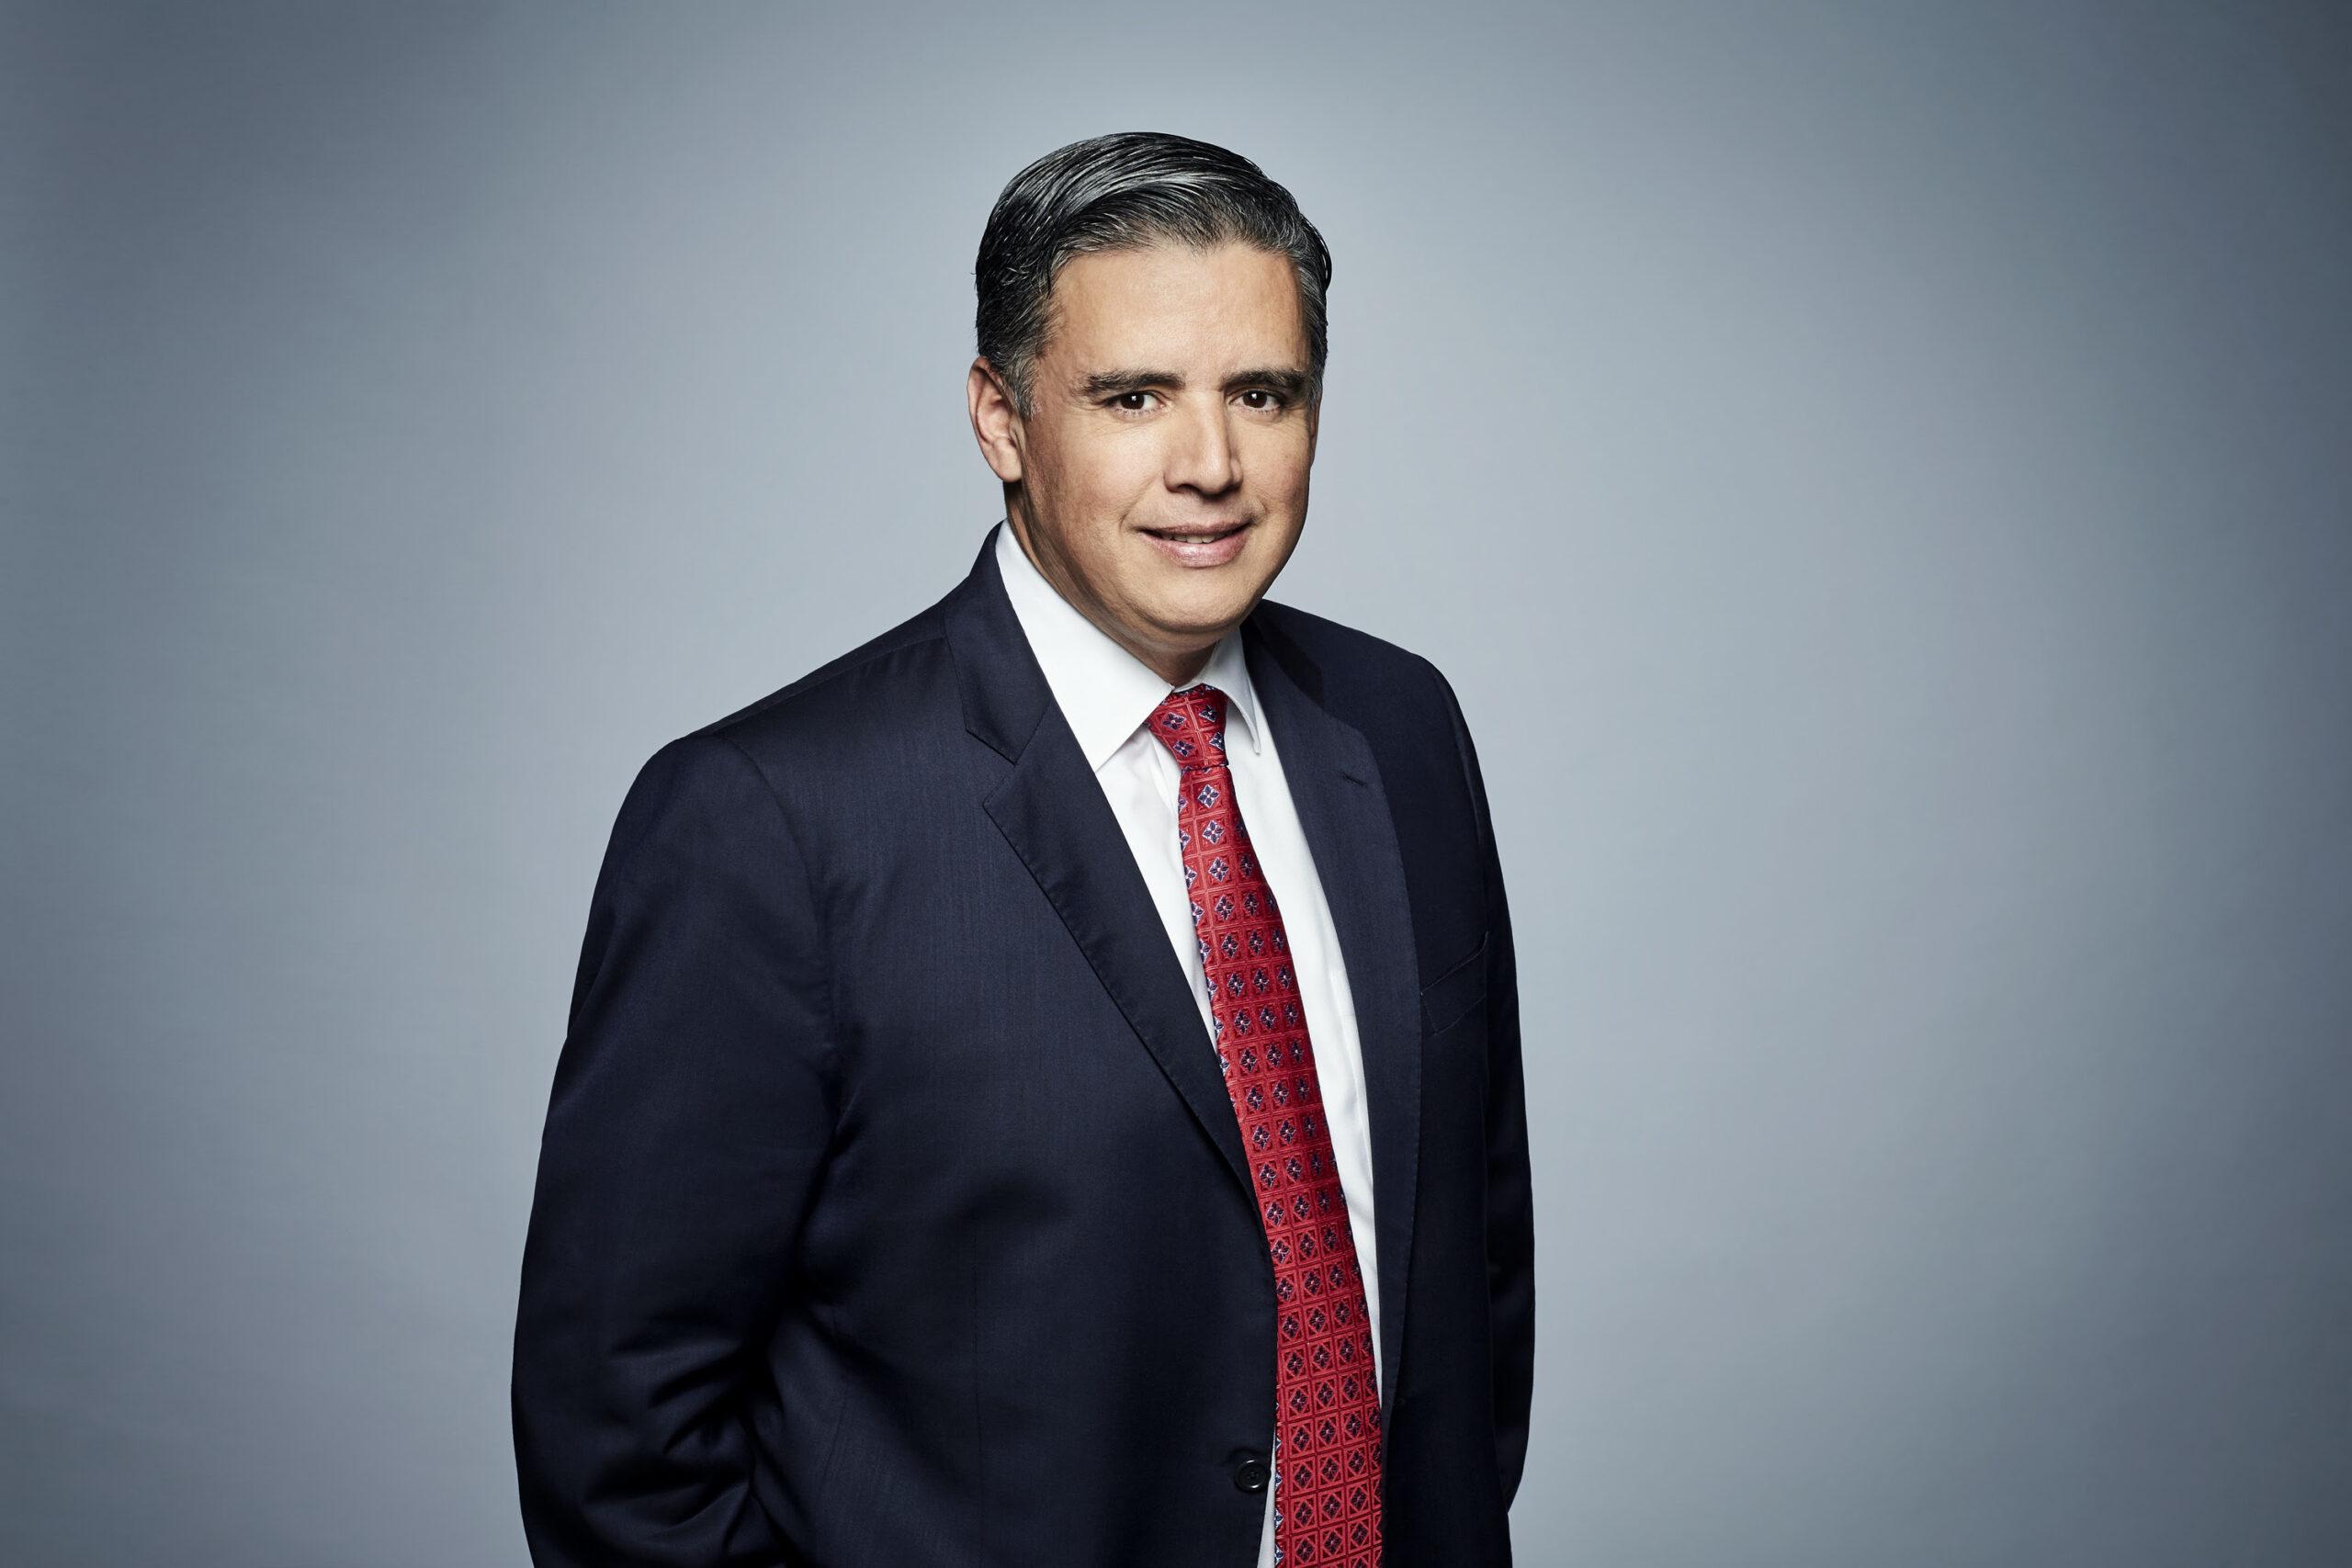 CNN International y CNN en Español ofrecen extensa cobertura de la Convención Nacional Republicana